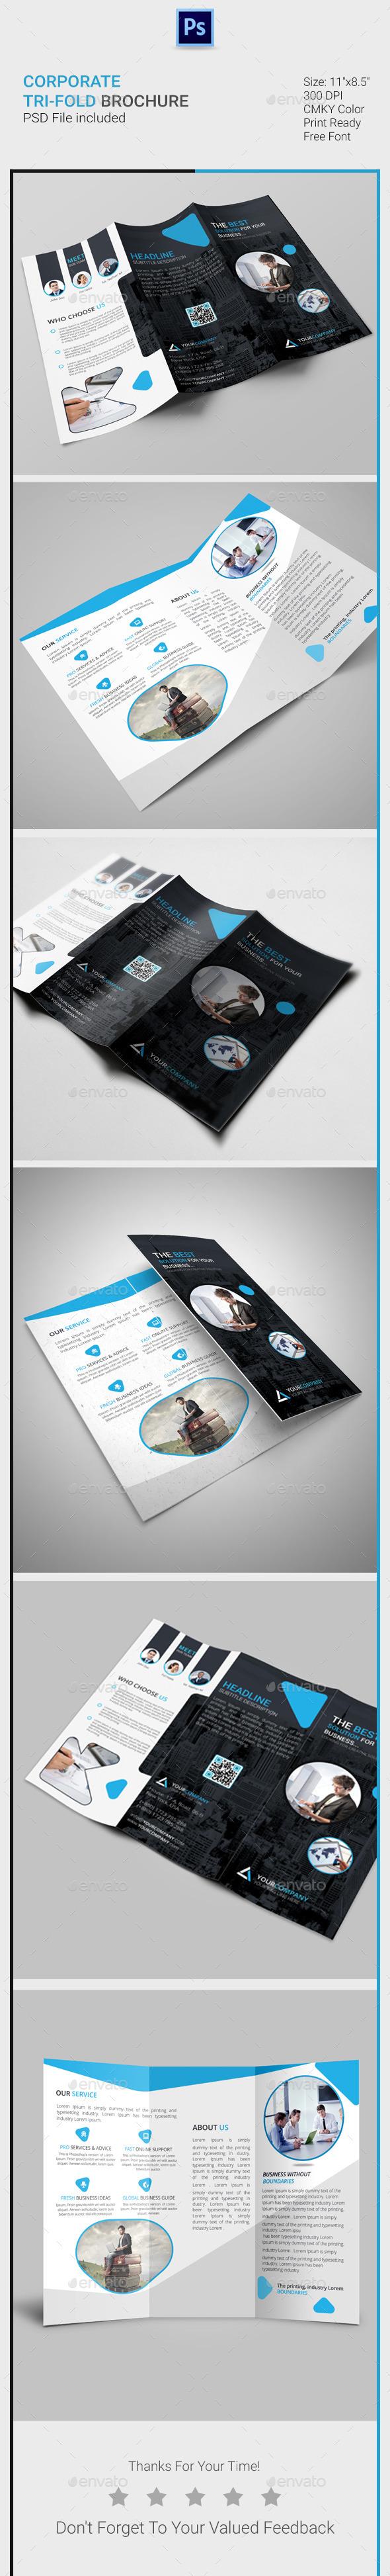 GraphicRiver Corporate Tri-Fold Brochure 11355247